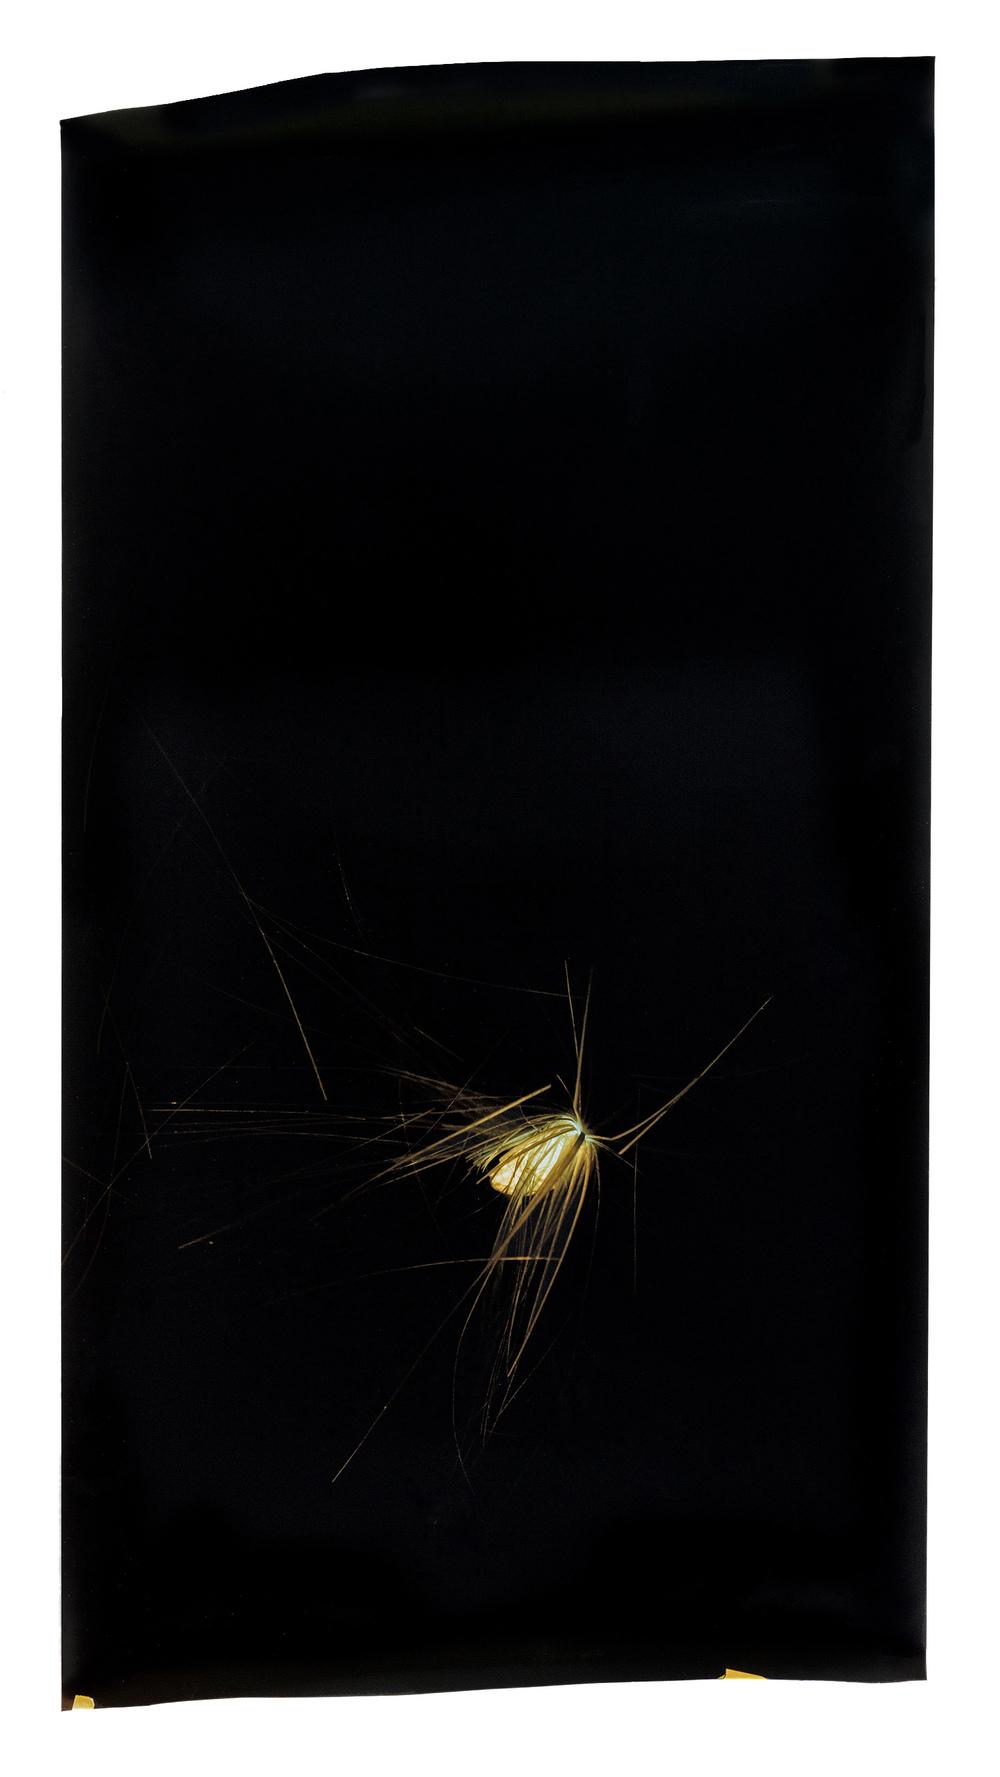 Household Specimen #06: Artichoke Seed